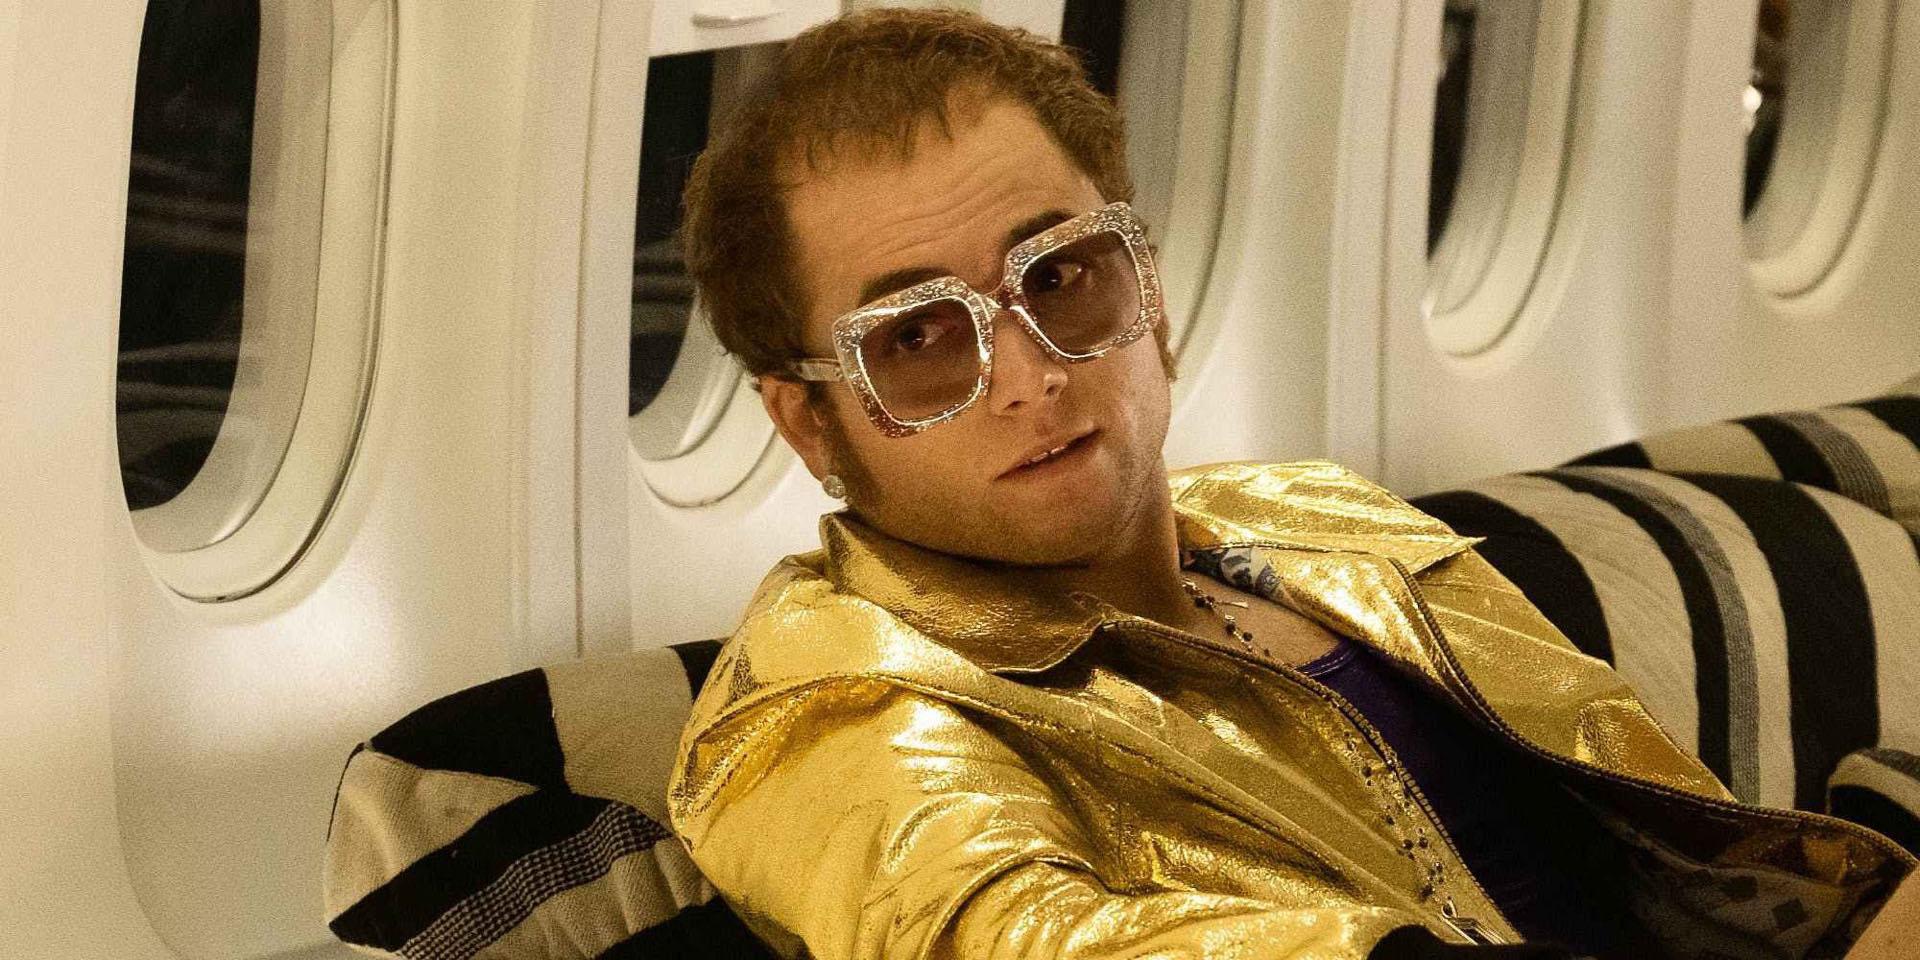 La película Rocketman se anima a exhibir el lado más extravagante y escandaloso de Elton John, magistralmente interpretado por Taron Egerton.